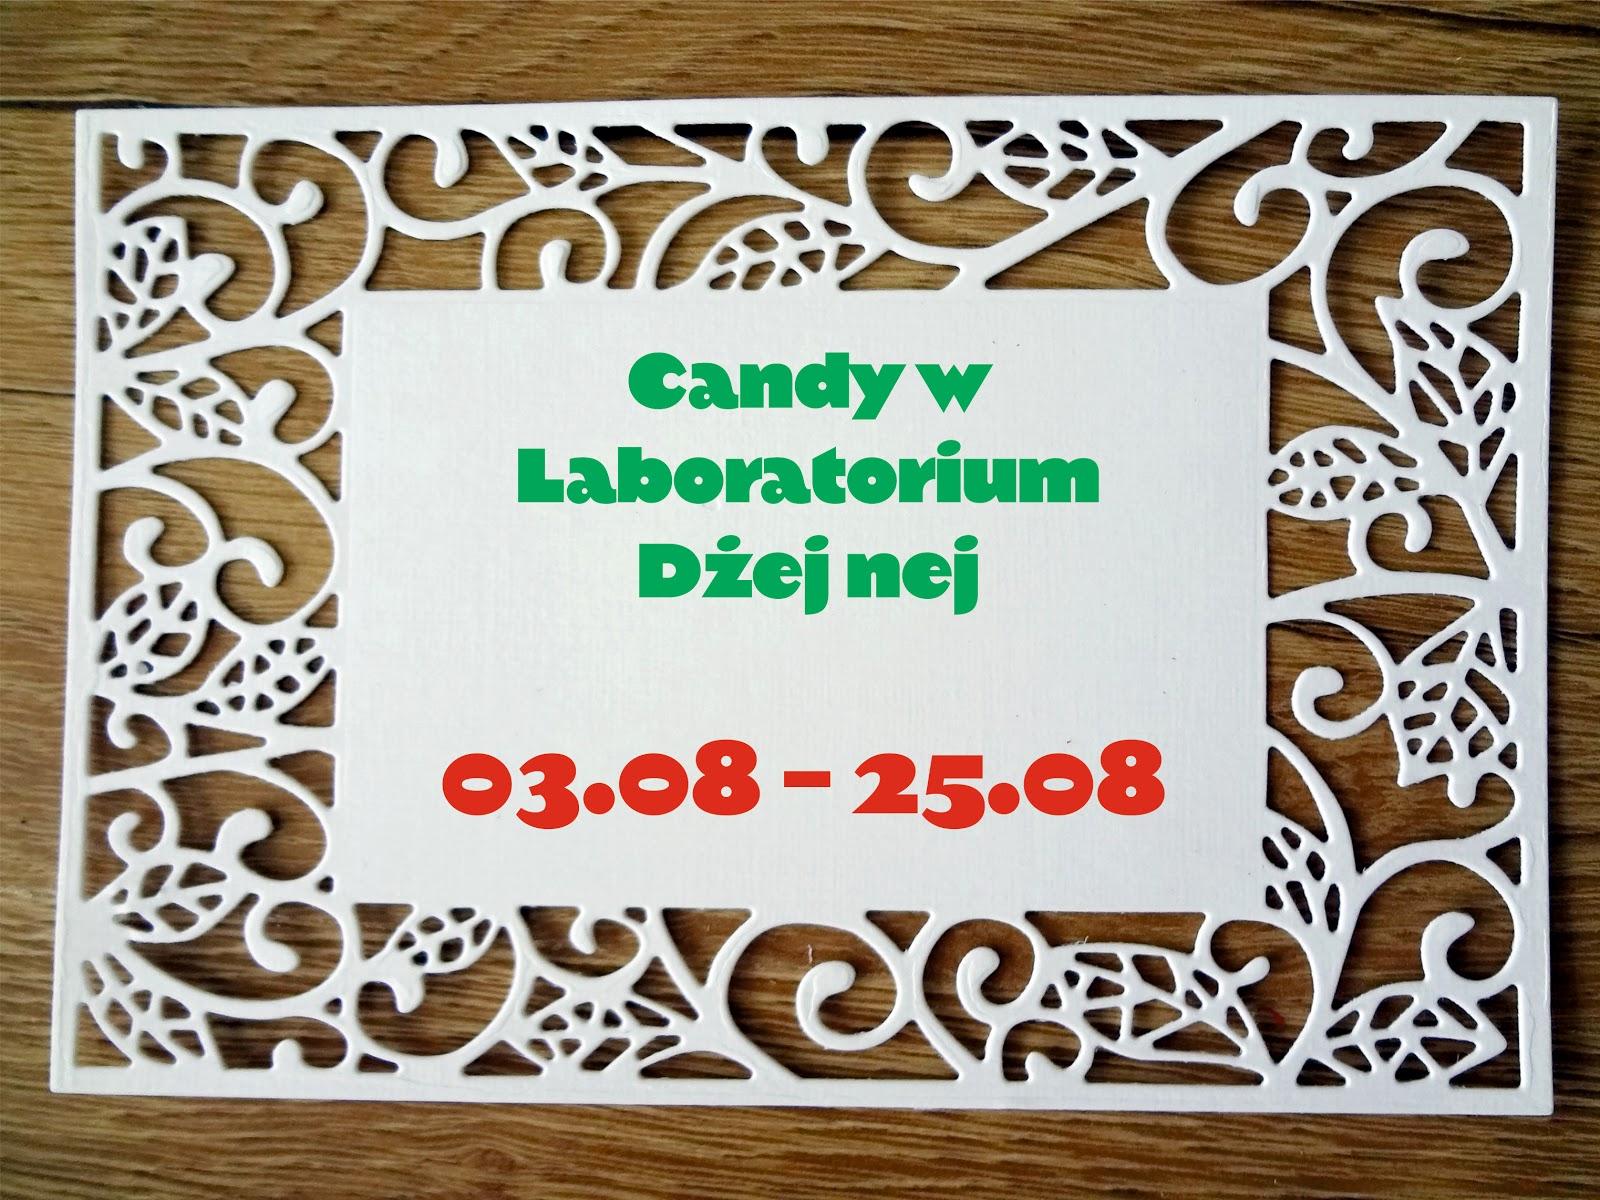 Candy u Dżej nej